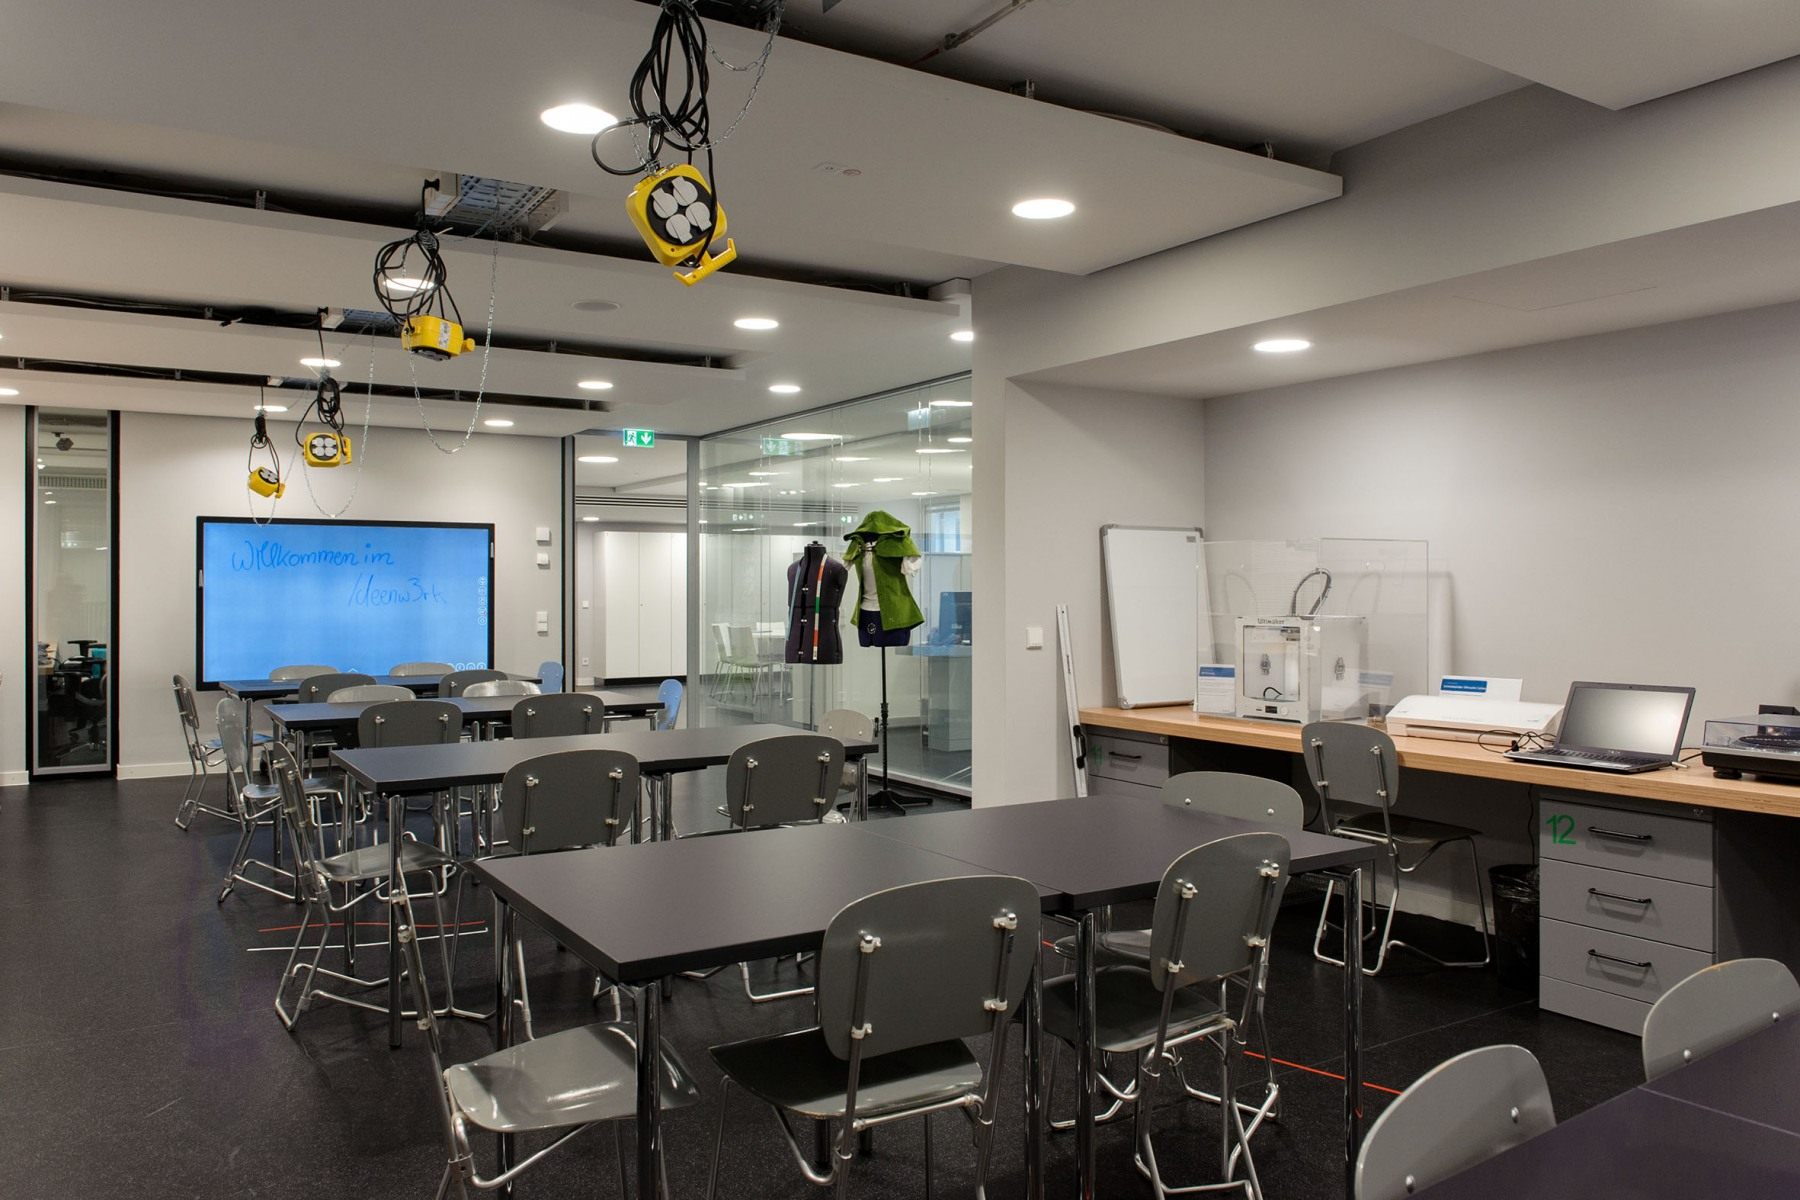 Makerspace-Raum in der Bibliothek